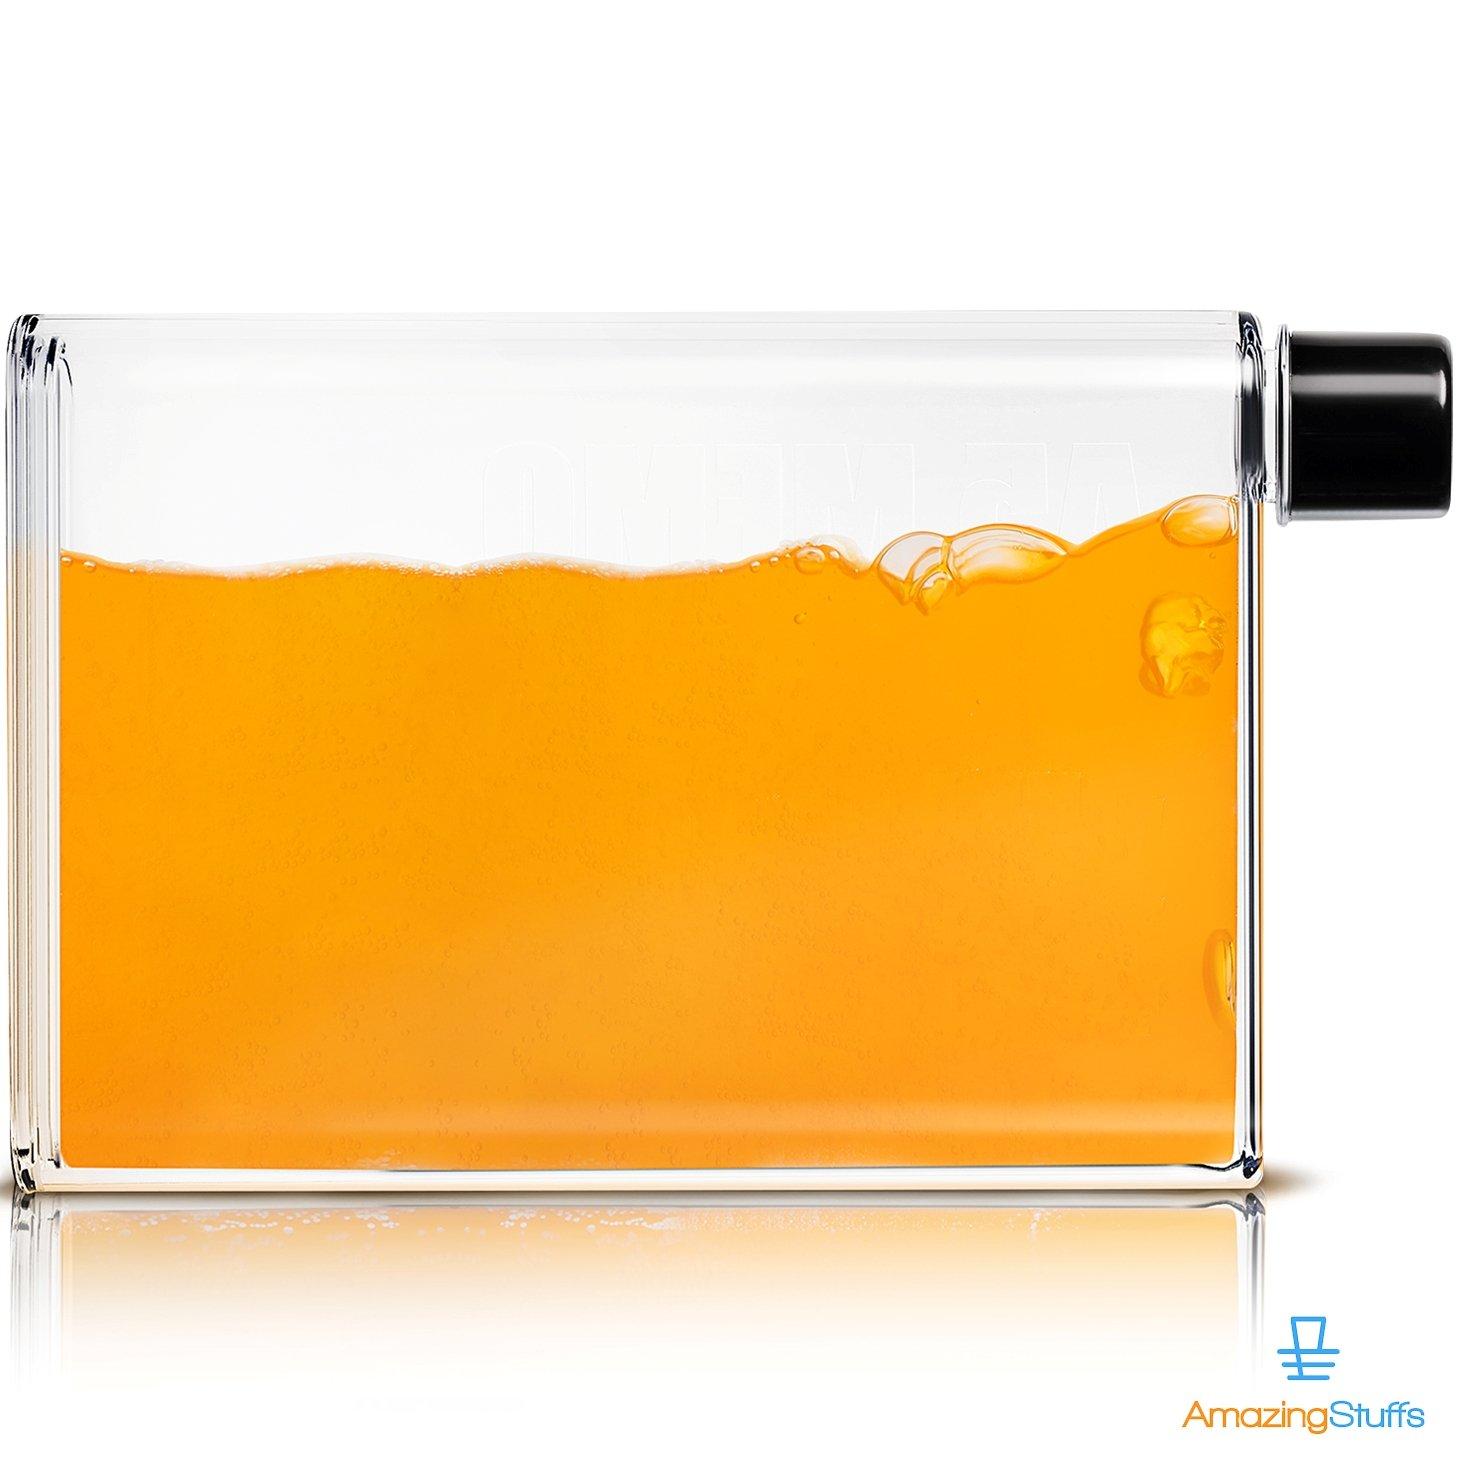 最新入荷 クリア再利用可能な小さな飲料水ボトルプラスチック – BPAフリー –、Leakproof , Refillable – Clean Kidフラットメモ型スリムシンフラスコ – Clean Best forスポーツ、旅行、学校ランチボックスバッグwith Wide Mouth Funnel A6 (350ml) B077Z618FP, ヒメシマムラ:e192e2a9 --- a0267596.xsph.ru